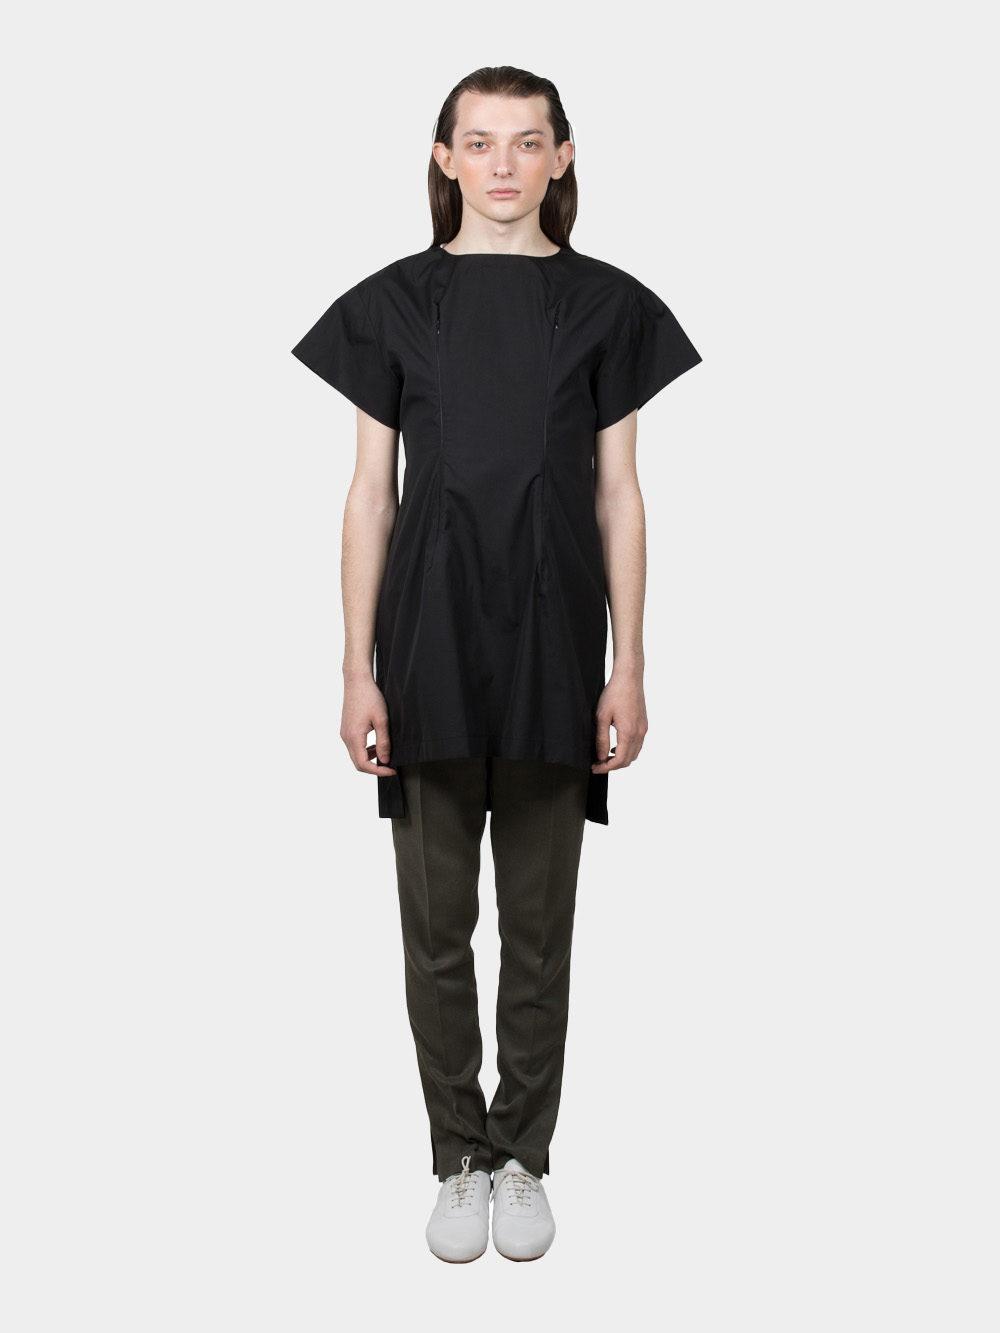 Ludus Slashed T-shirt - black